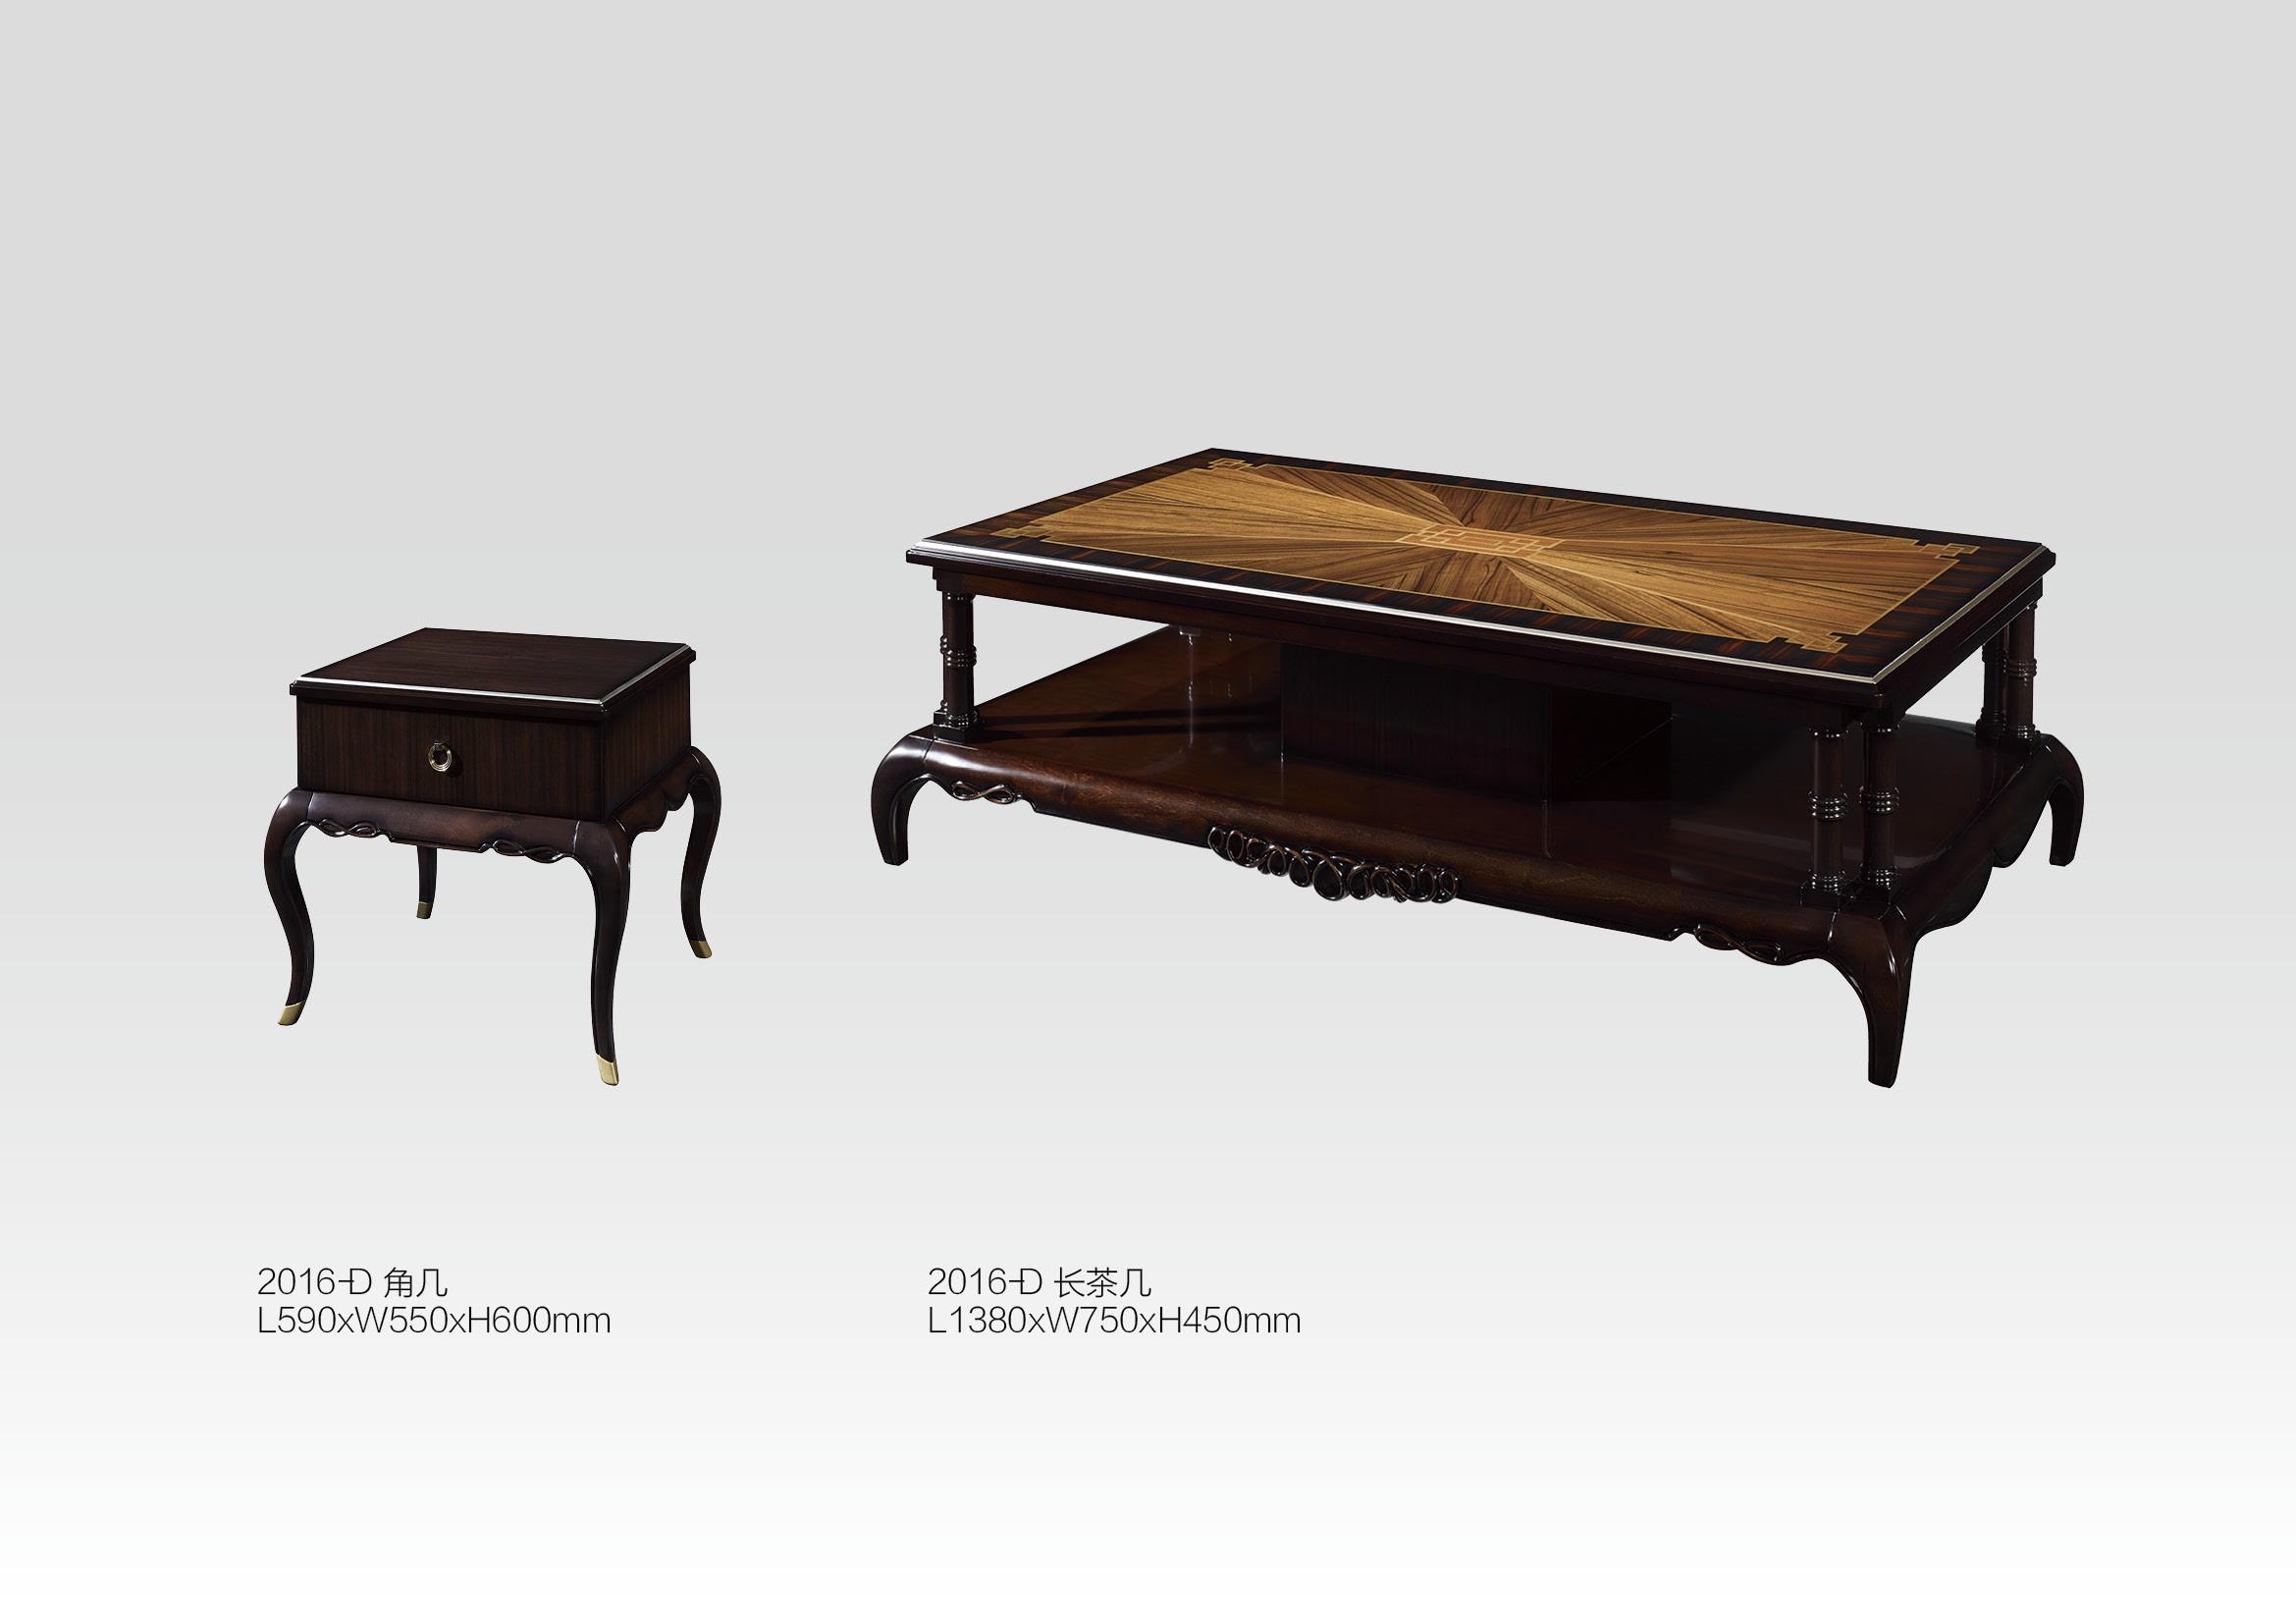 实木茶几桌欧式高端客厅长茶几、欧式酒红色实木角几美式仿古雕刻小方几